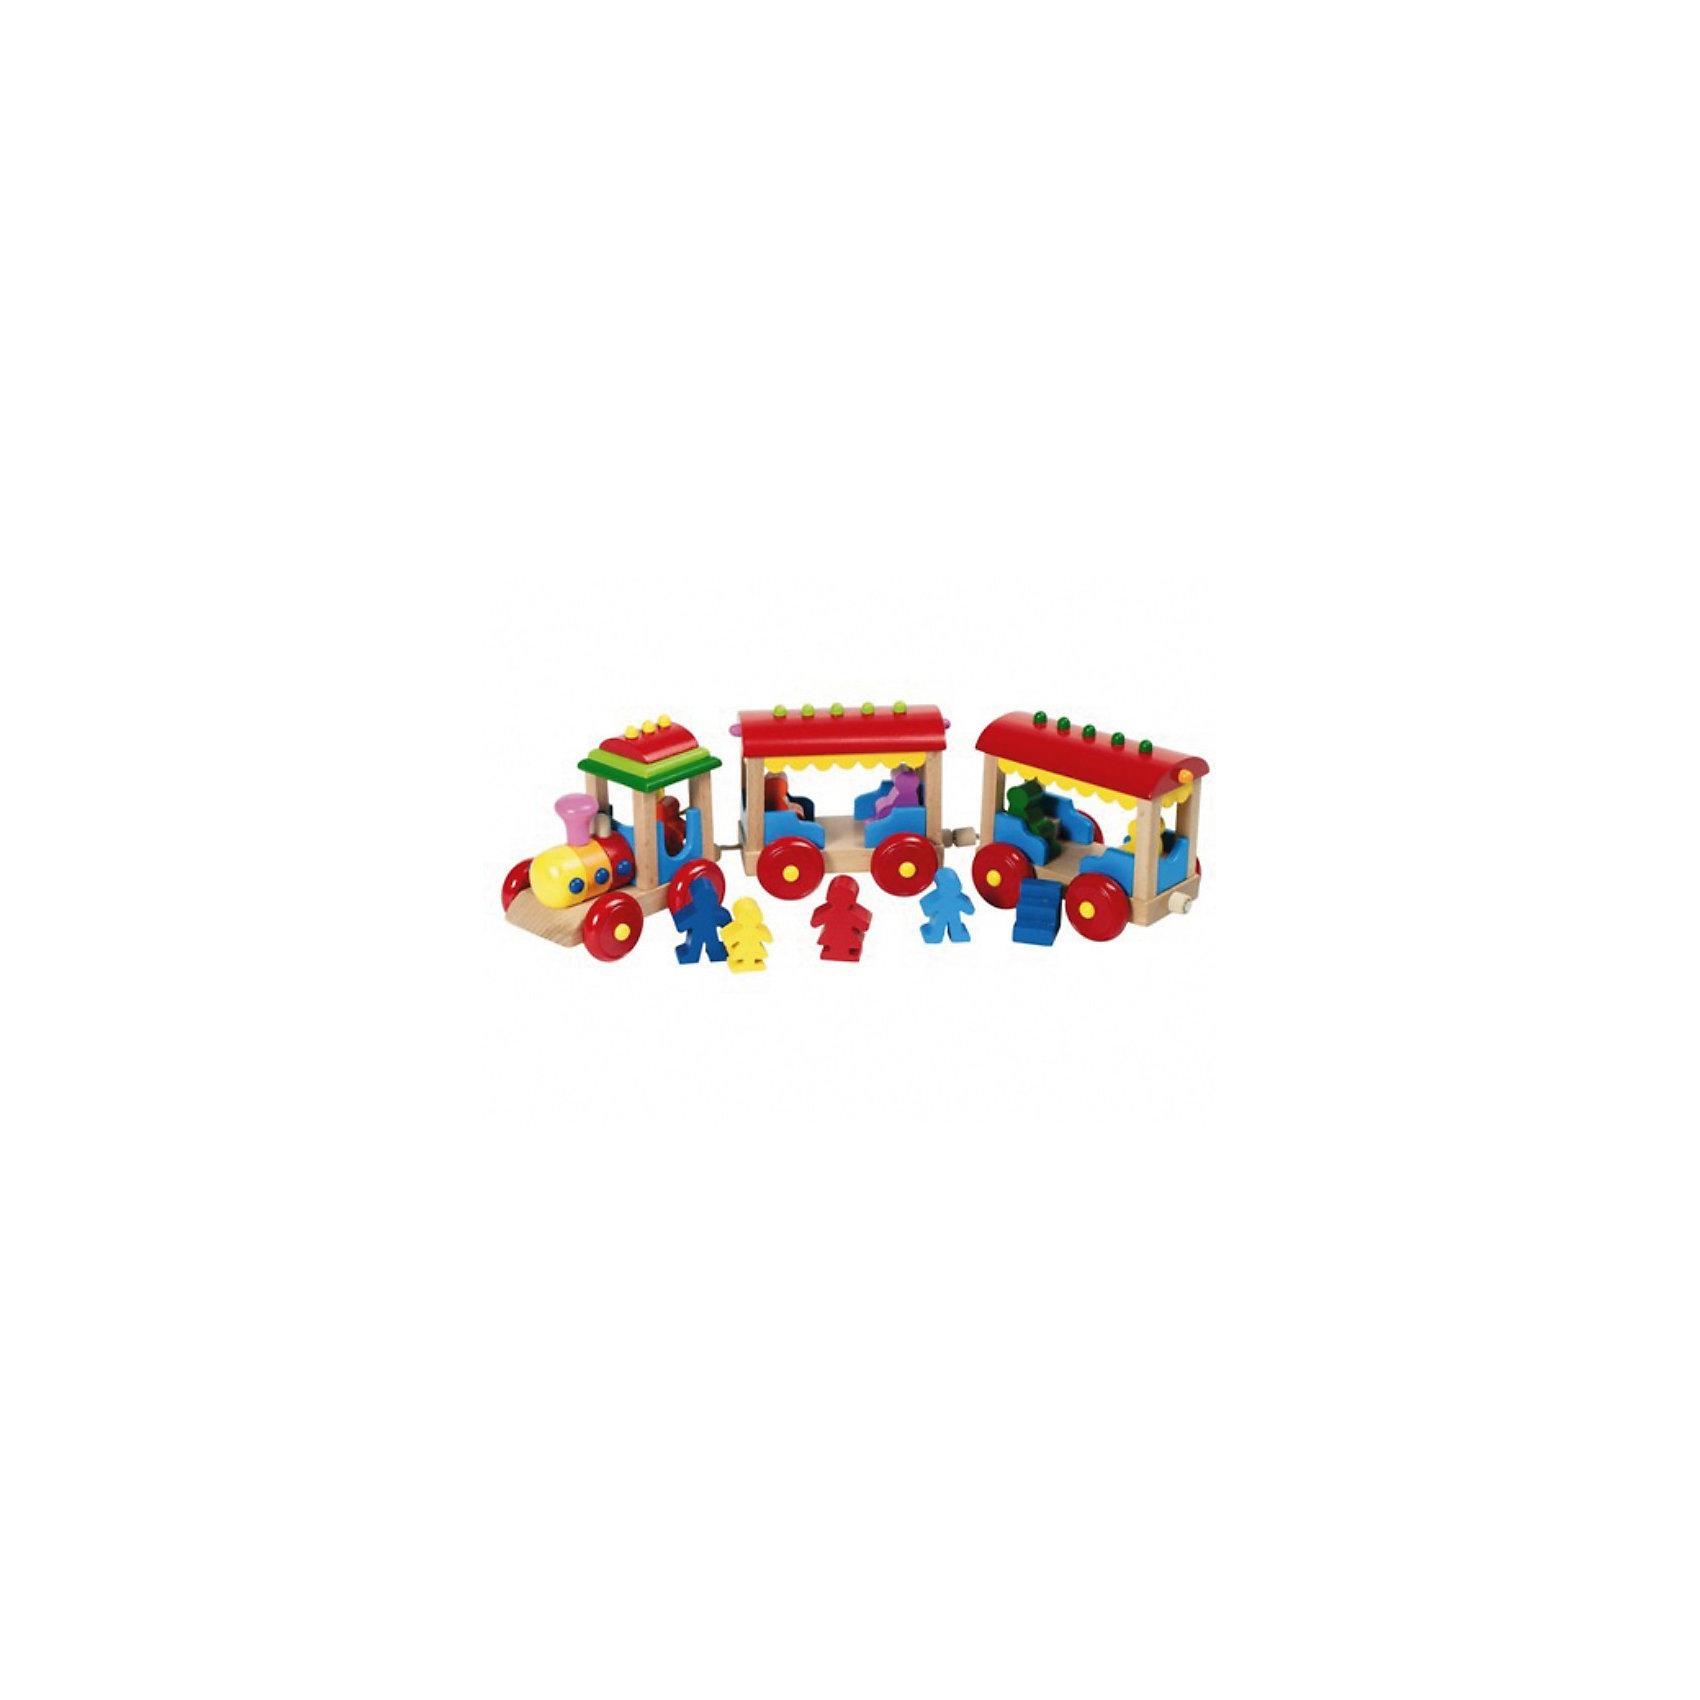 Игрушка деревянная паровозик Борнхольм, gokiЖелезные дороги<br>Игрушка деревянная паровозик Борнхольм, goki (гоки) – эта красочная деревянная игрушка подарит вашему малышу заряд положительных эмоций.<br>Паровозик с двумя вагончиками и набором человечков-пассажиров наверняка, понравится Вашему малышу. У паровозика - магнитное крепление вагонов. Игрушка развивает мелкую моторику ребенка, цветовосприятие и фантазию. Изготовлена из древесины и окрашена безопасными красками на водной основе.<br><br>Дополнительная информация:<br><br>- В комплекте: паровозик, 2 вагона, фигурки человечков<br>- Размер: 38х8х10см.<br>- Материал: древесина<br><br>Игрушку деревянную паровозик Борнхольм, goki (гоки) можно купить в нашем интернет-магазине.<br><br>Ширина мм: 380<br>Глубина мм: 100<br>Высота мм: 80<br>Вес г: 611<br>Возраст от месяцев: 24<br>Возраст до месяцев: 60<br>Пол: Мужской<br>Возраст: Детский<br>SKU: 2328652